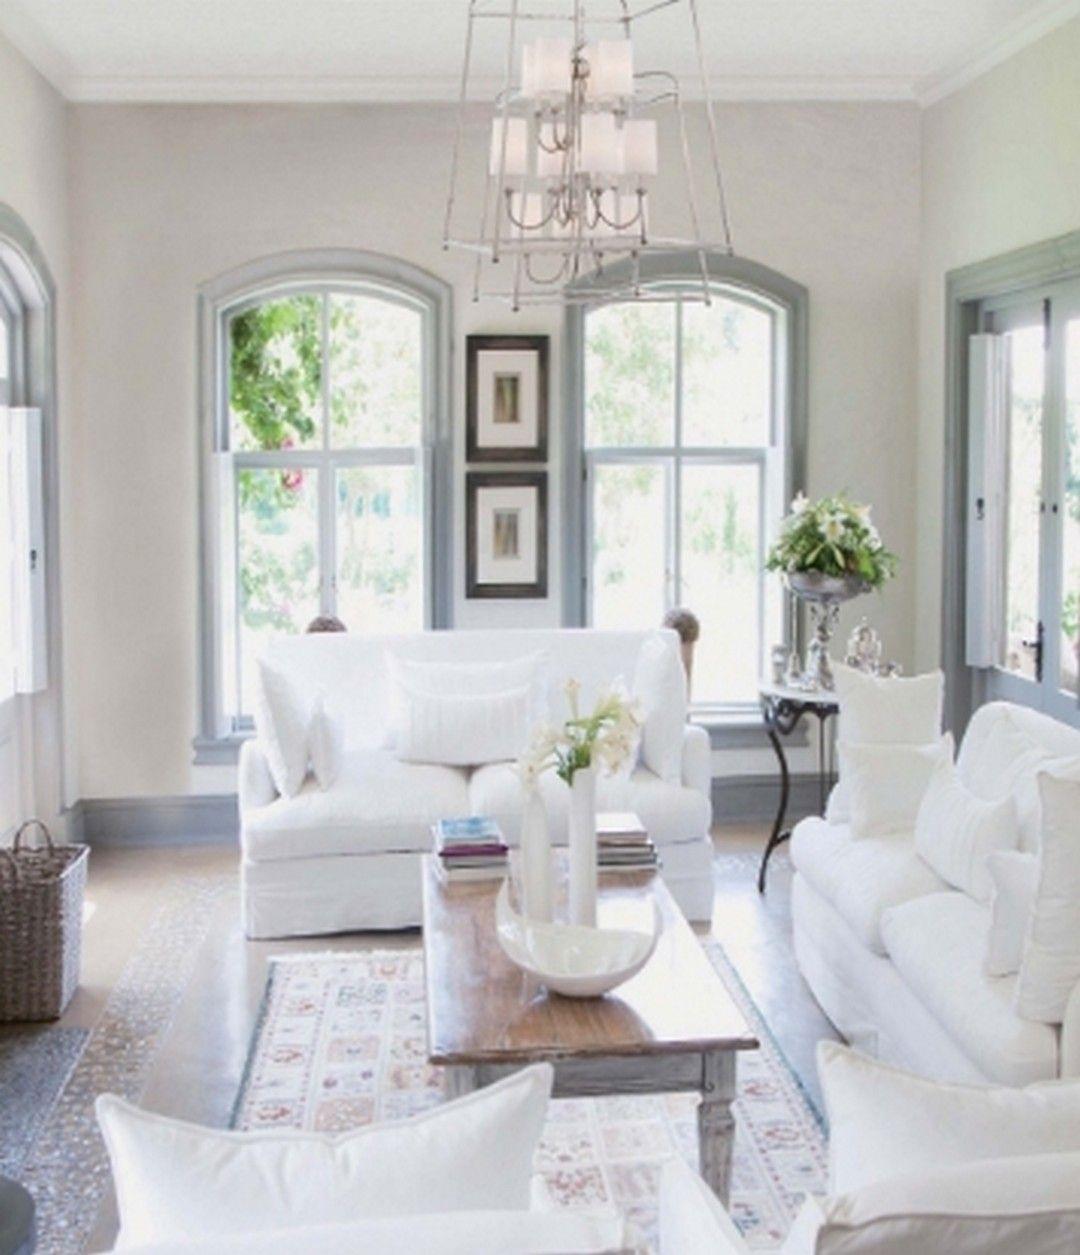 7 beautiful chic home ideas in allwhite interior  white